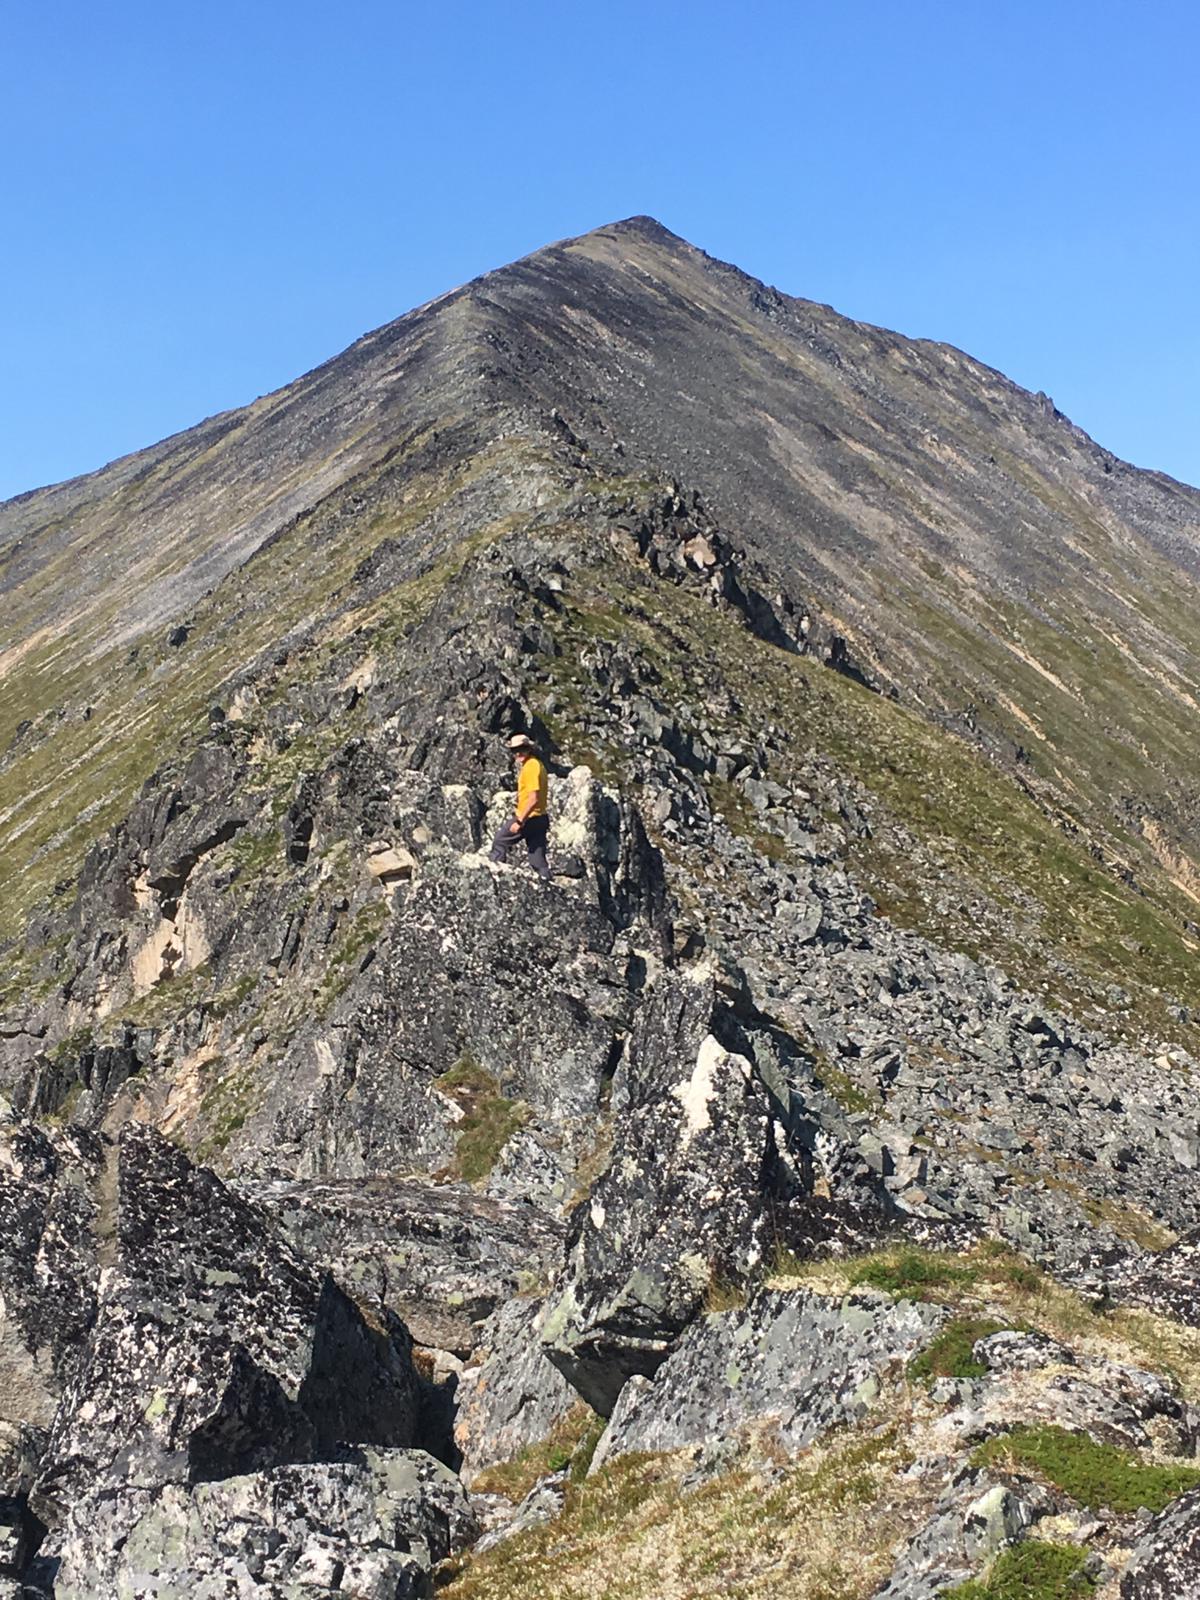 Alaska Ridgeline Hiking